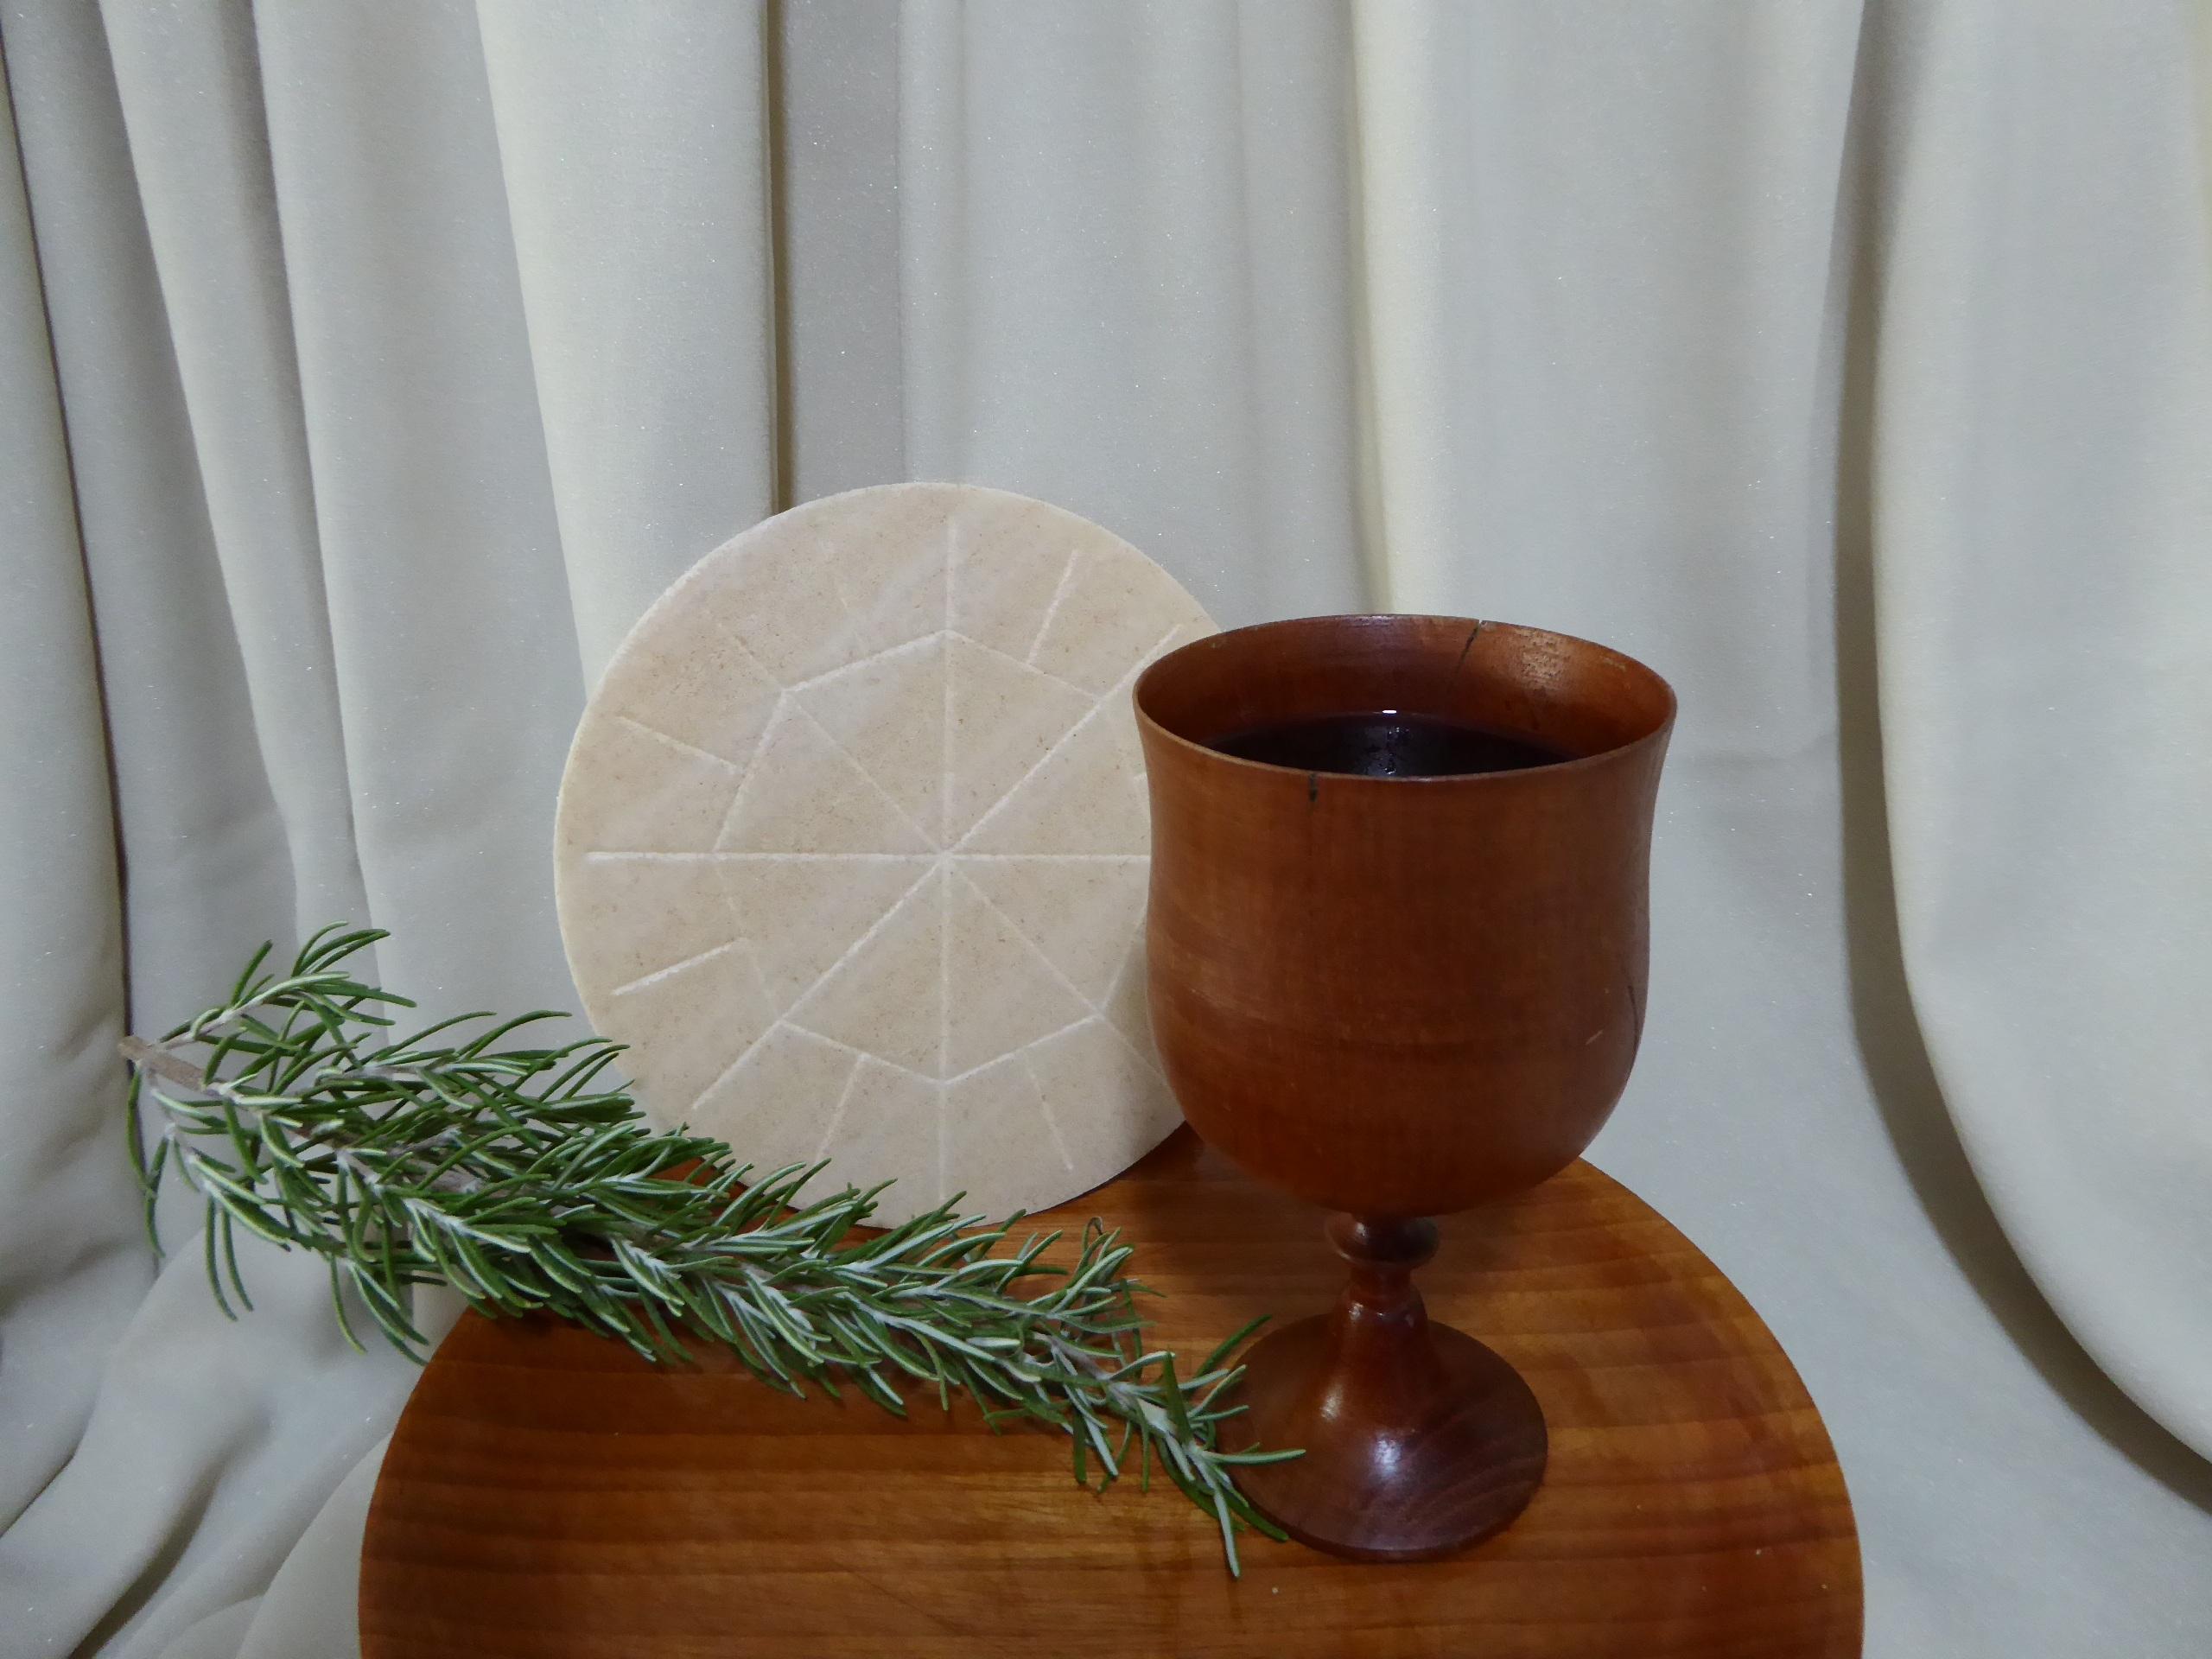 Free Images Wine Glass Vase Produce Ceramic